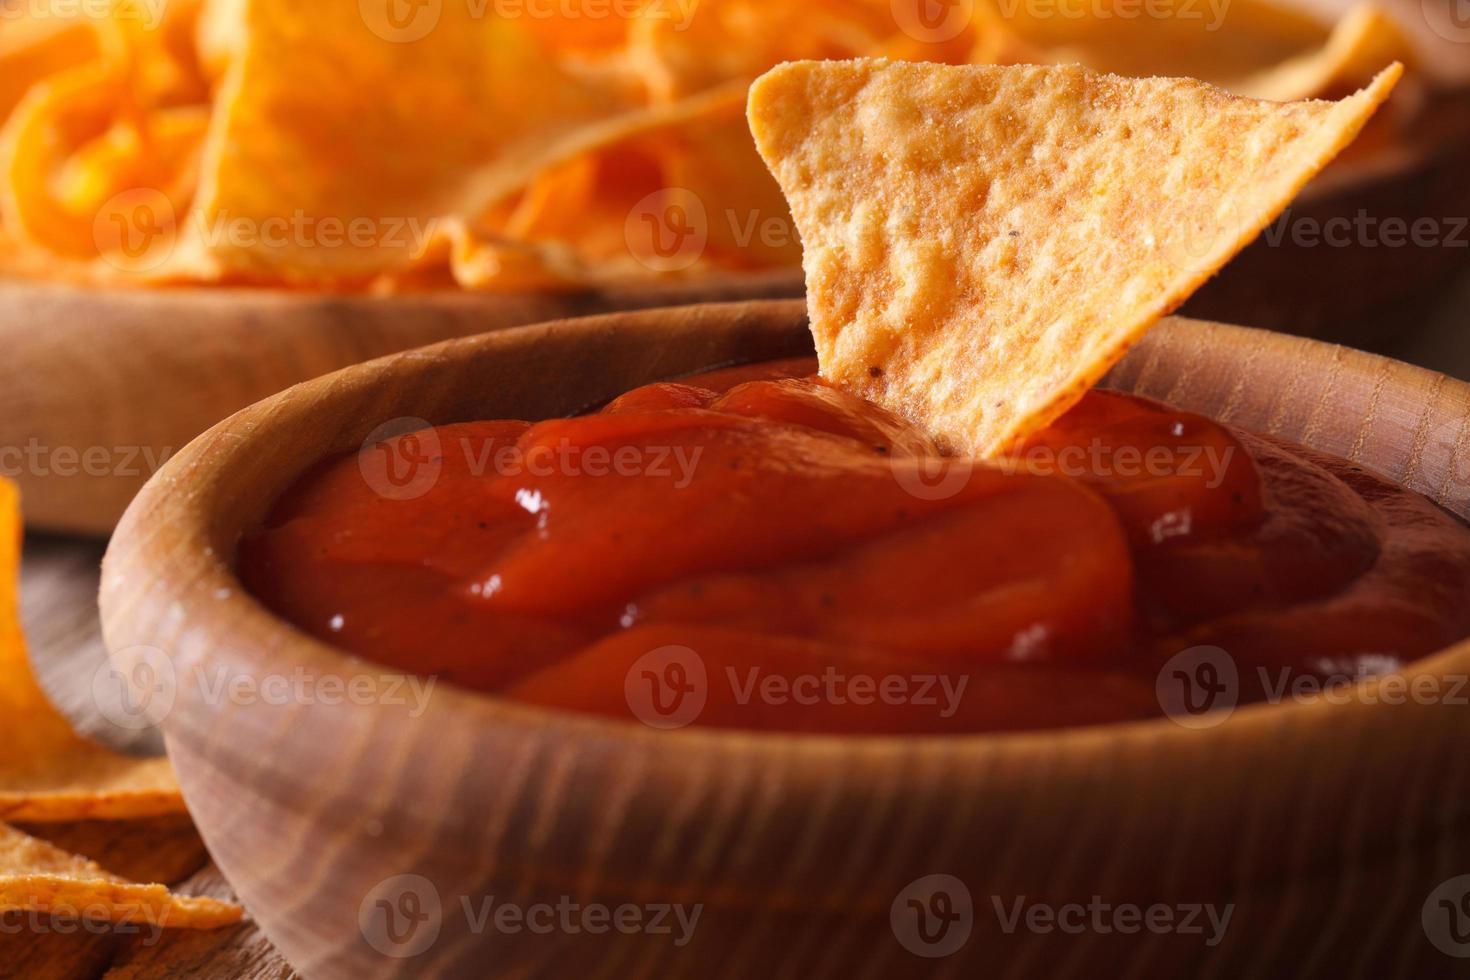 salsa de tomate y chips de maíz nachos macro. horizontal foto